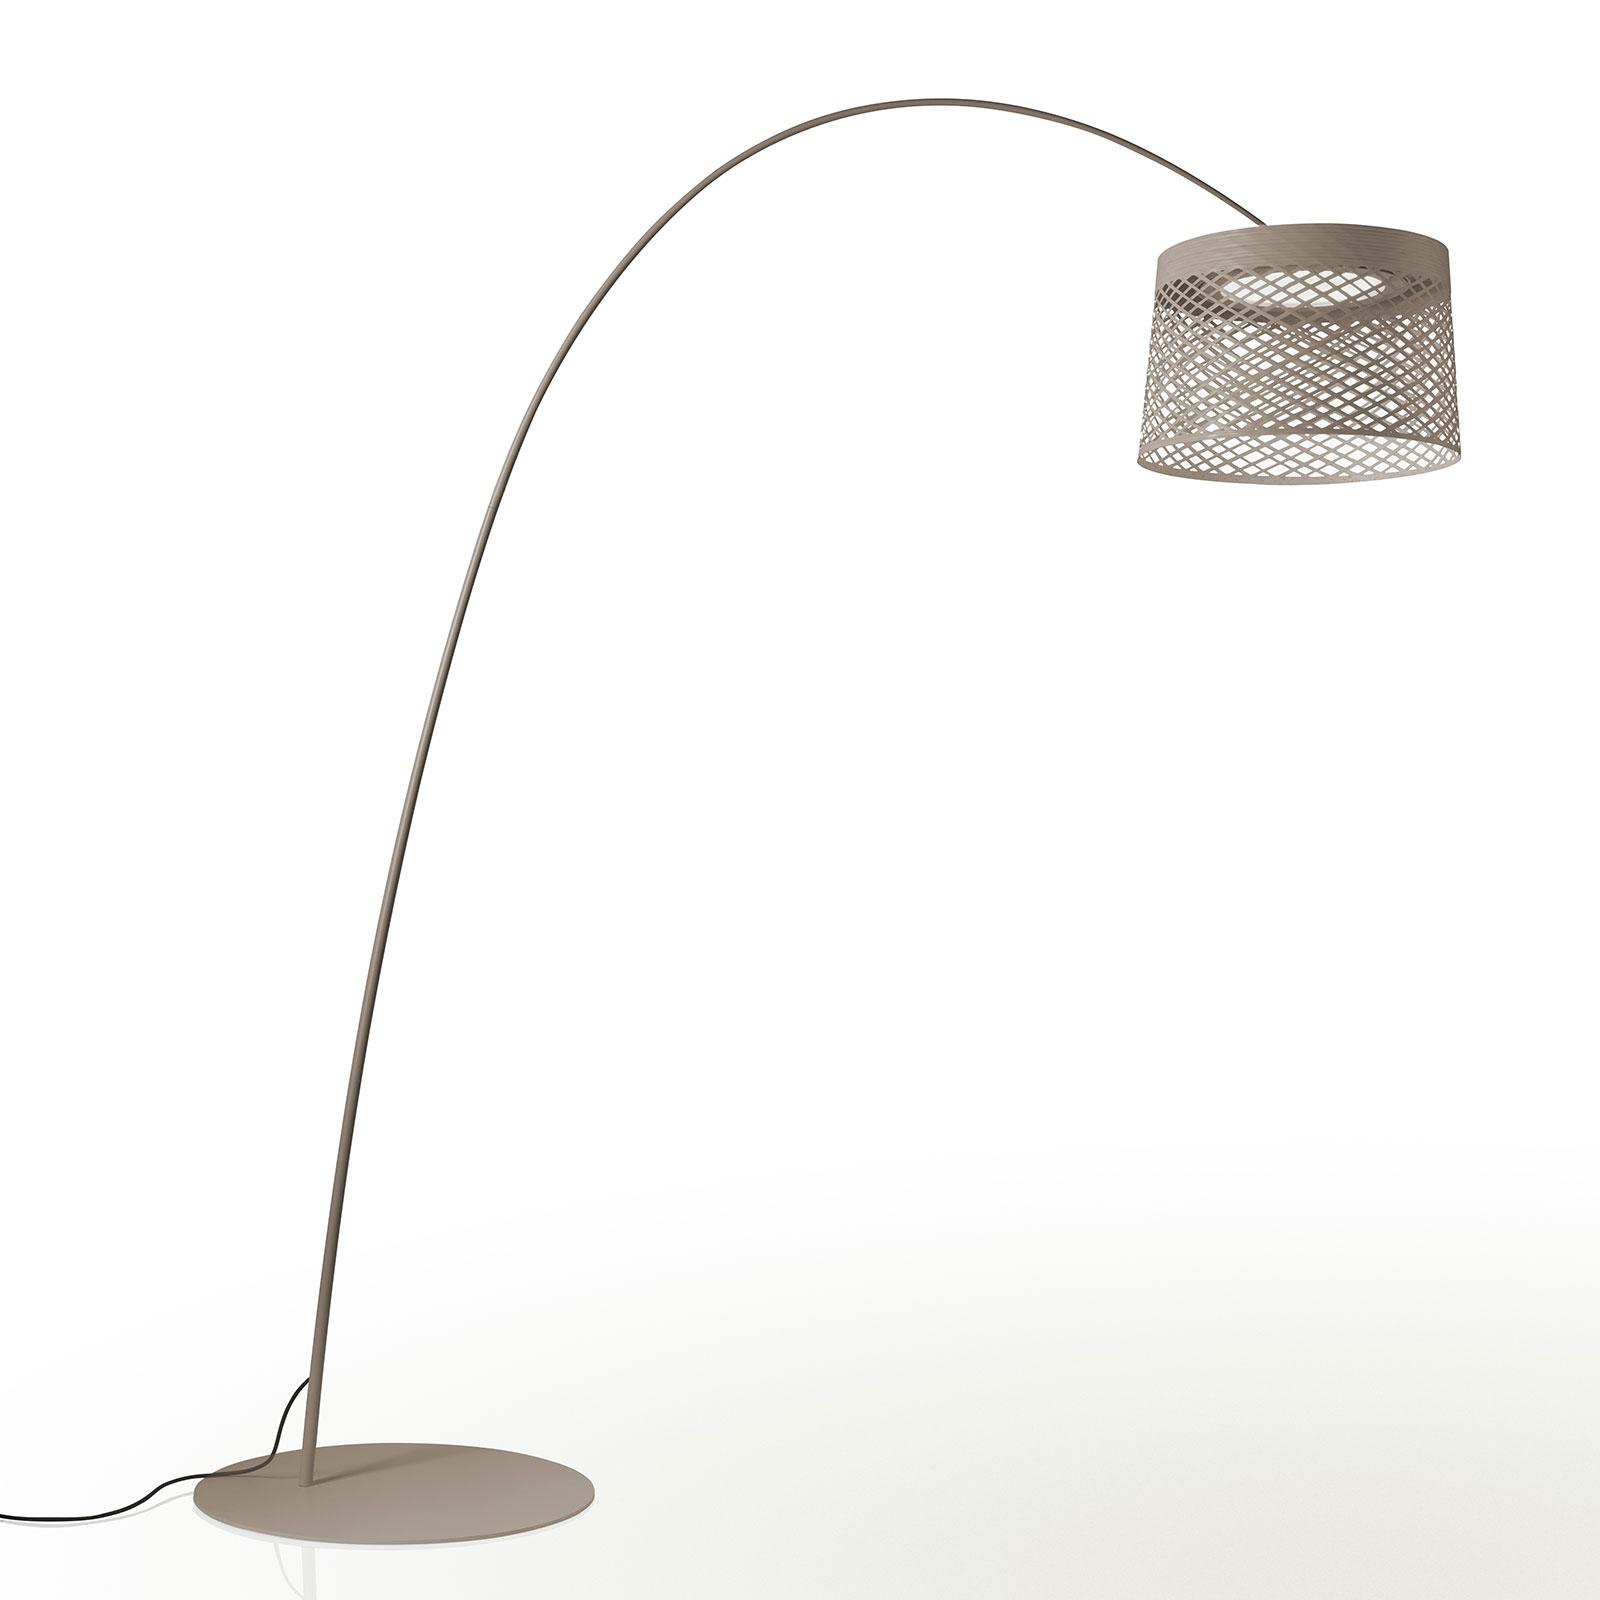 Foscarini Twiggy Grid LED-Bogenleuchte, greige